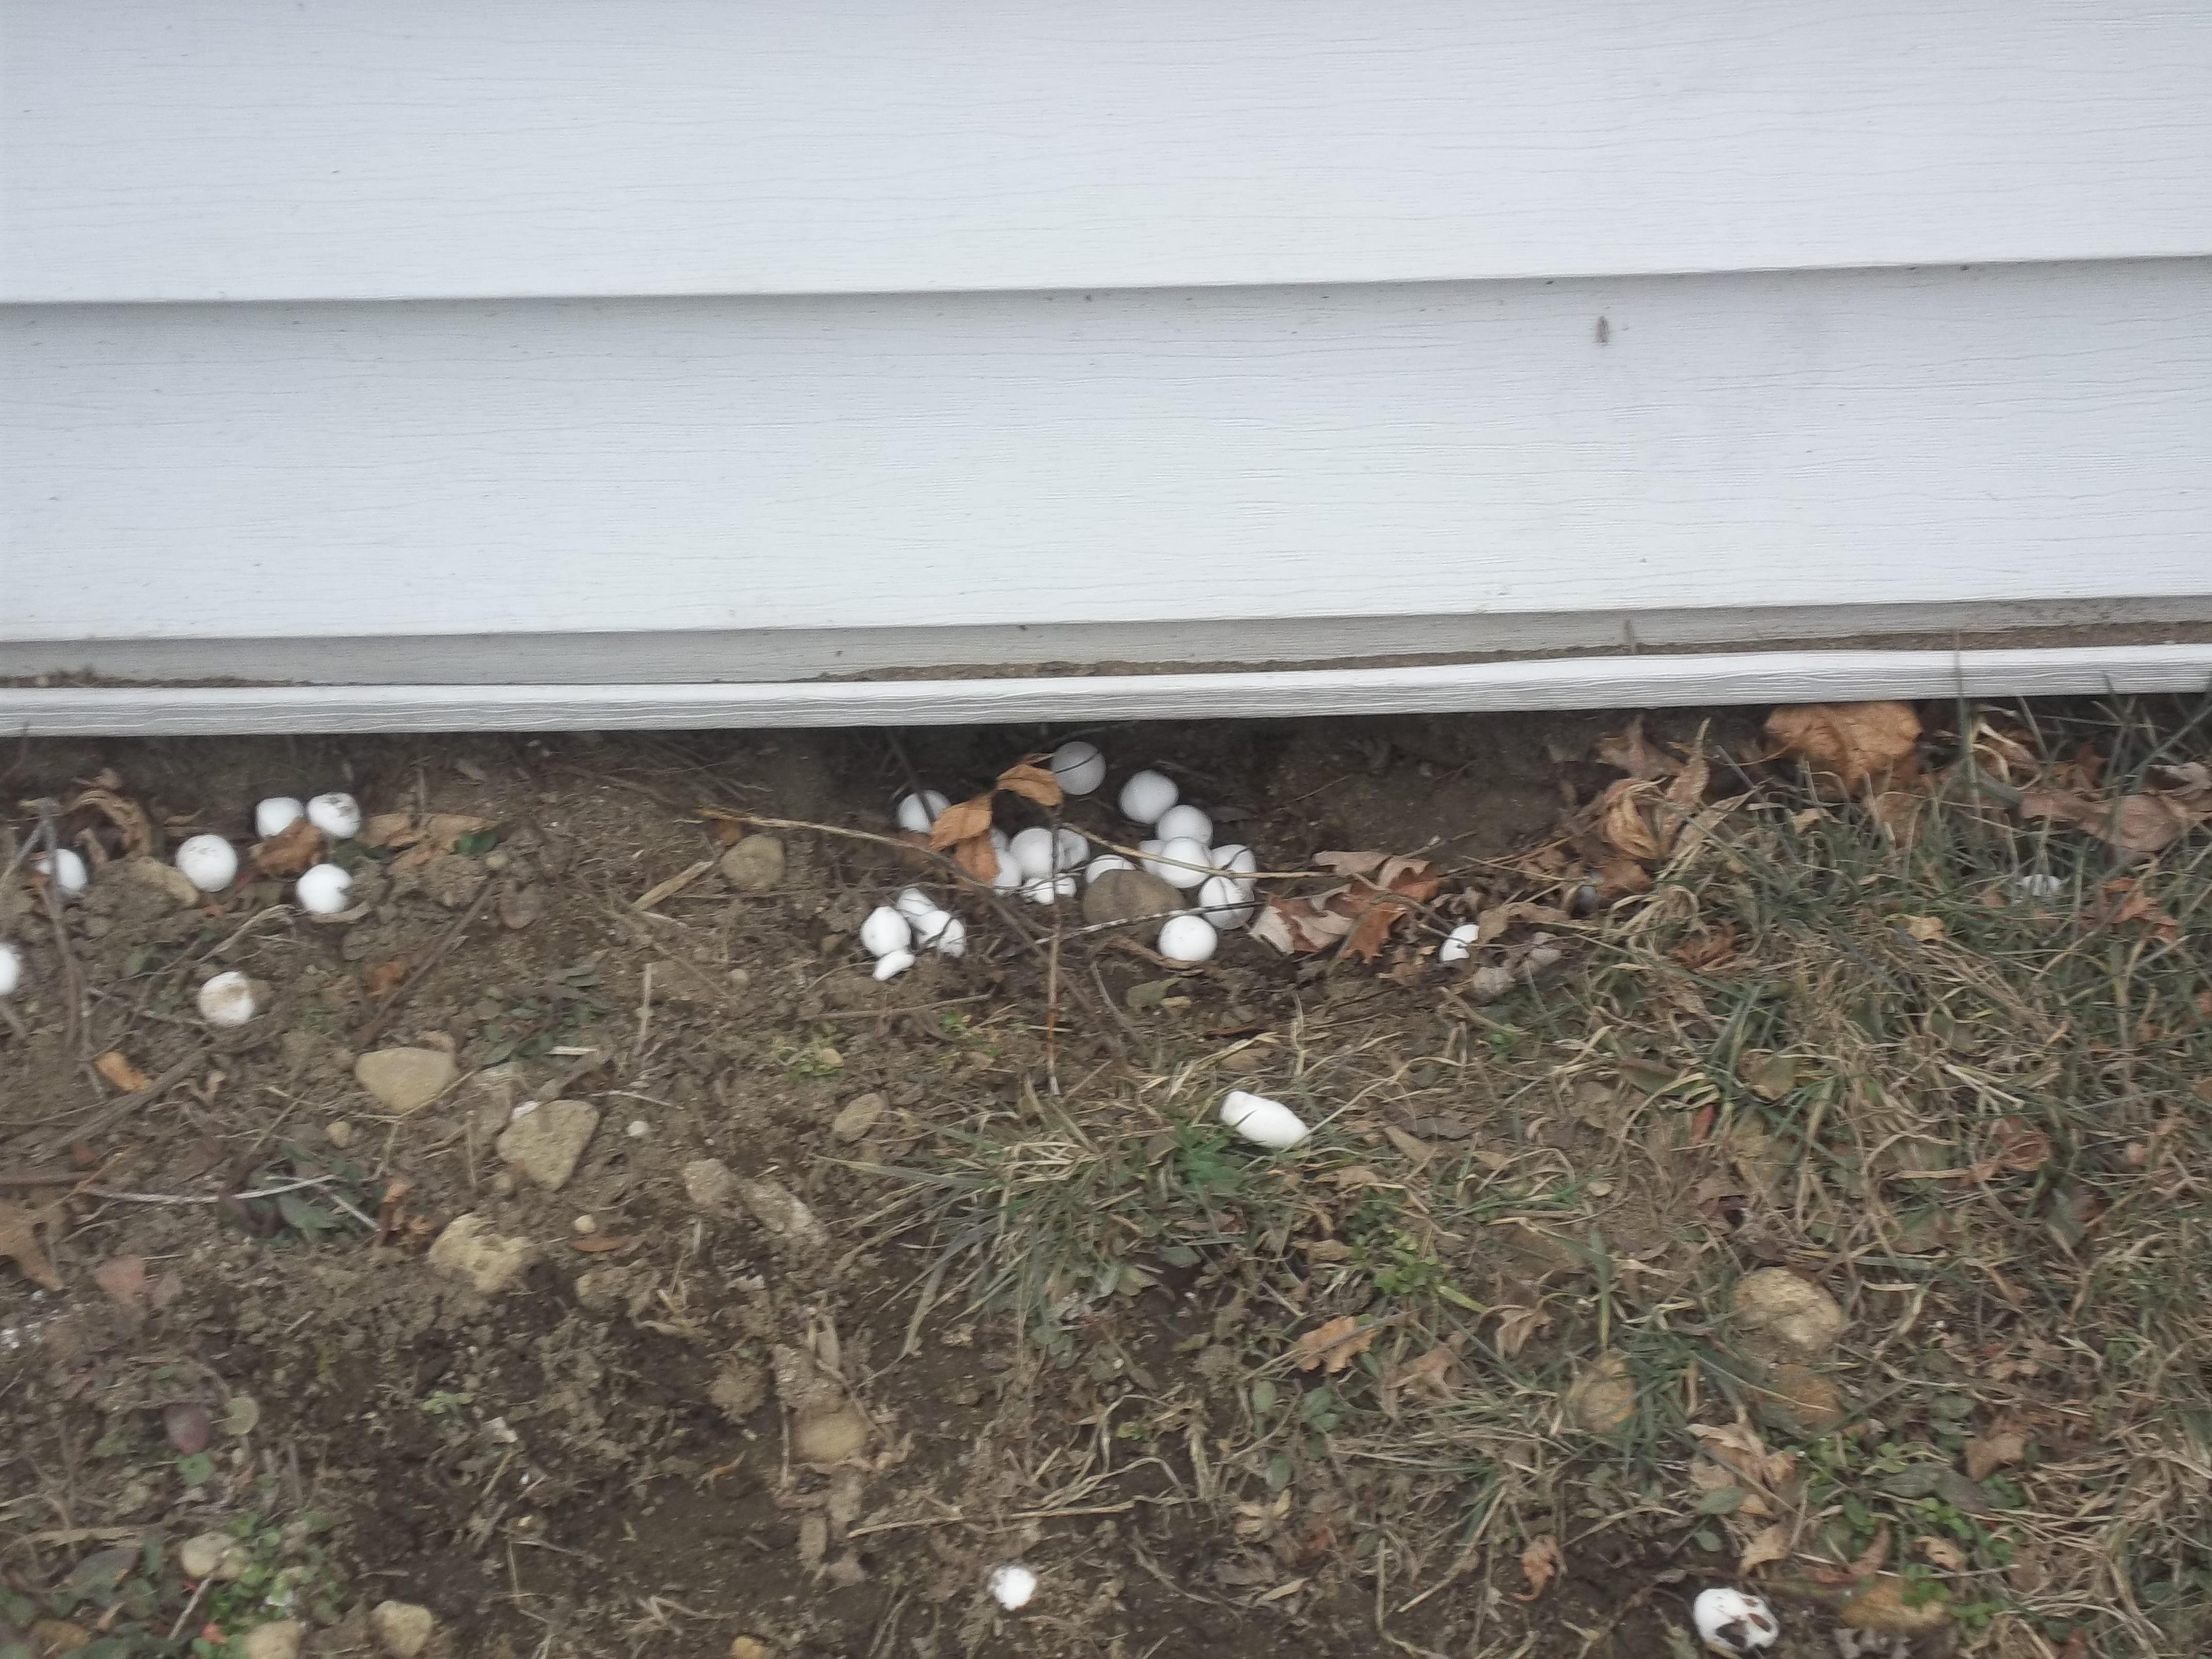 skunk hole into crawlspace mothballs do not deter skunks same skunk